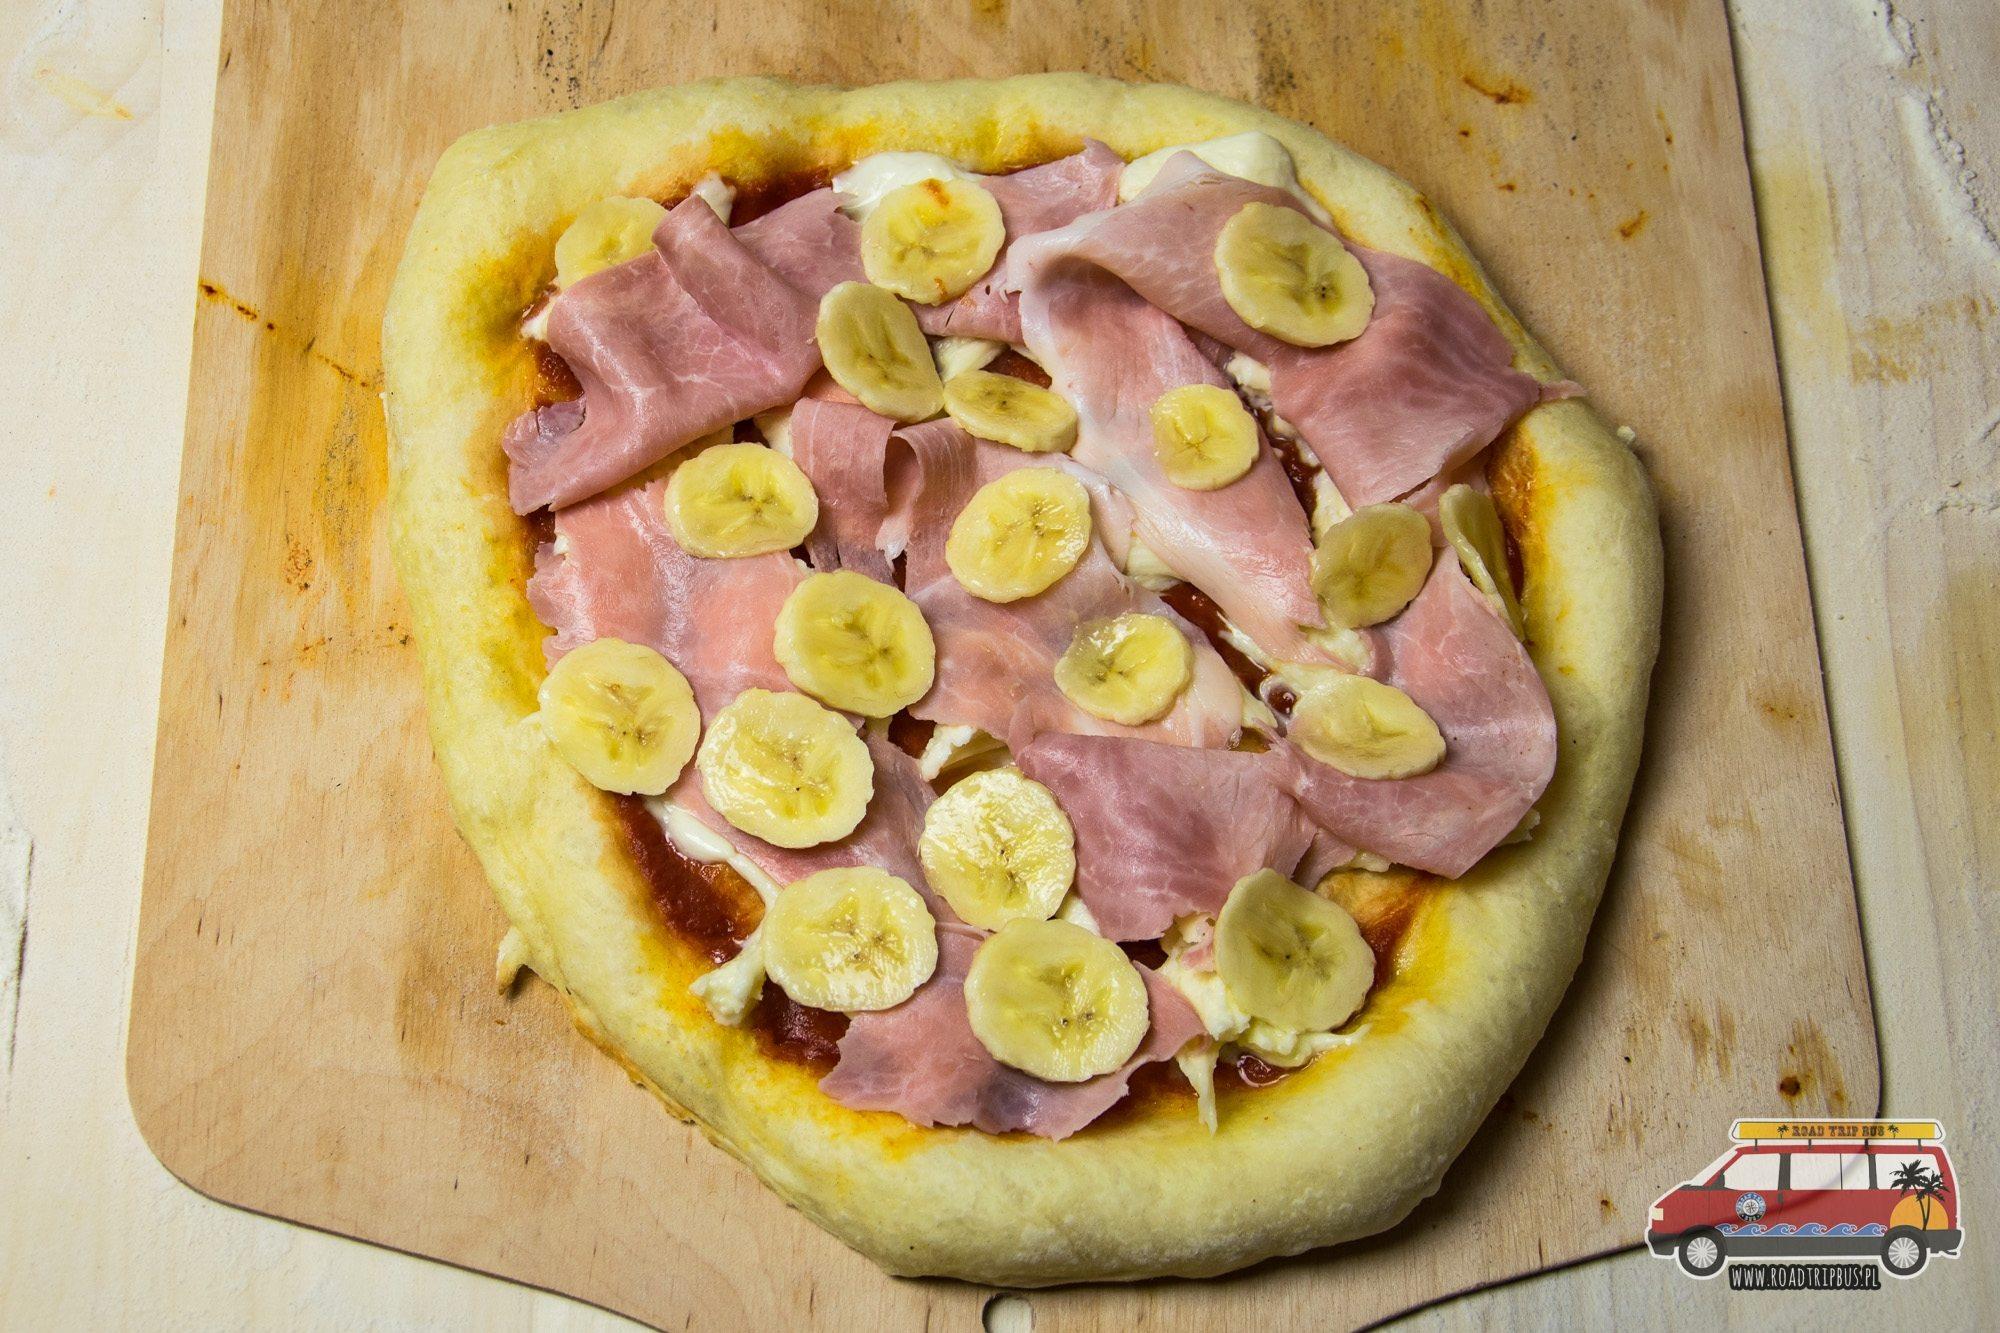 pizza z bananem